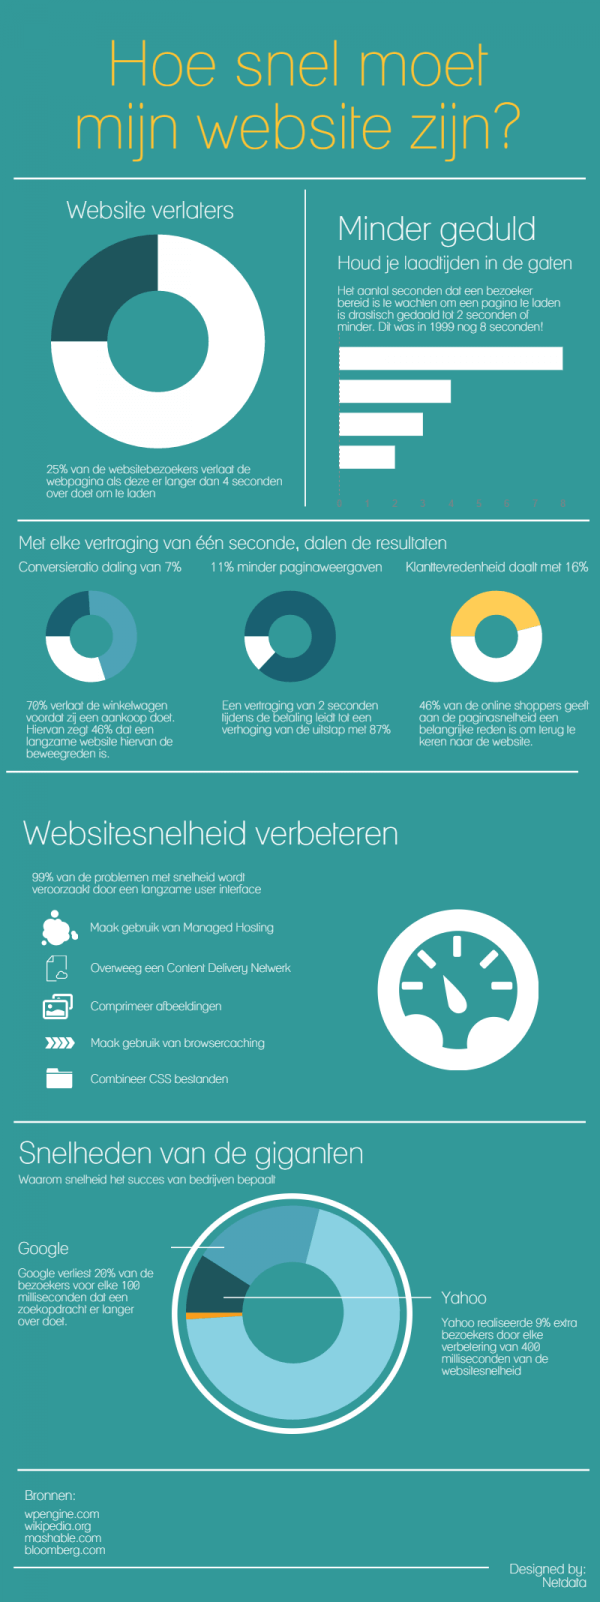 Infographic: Hoe snel moet mijn website zijn?